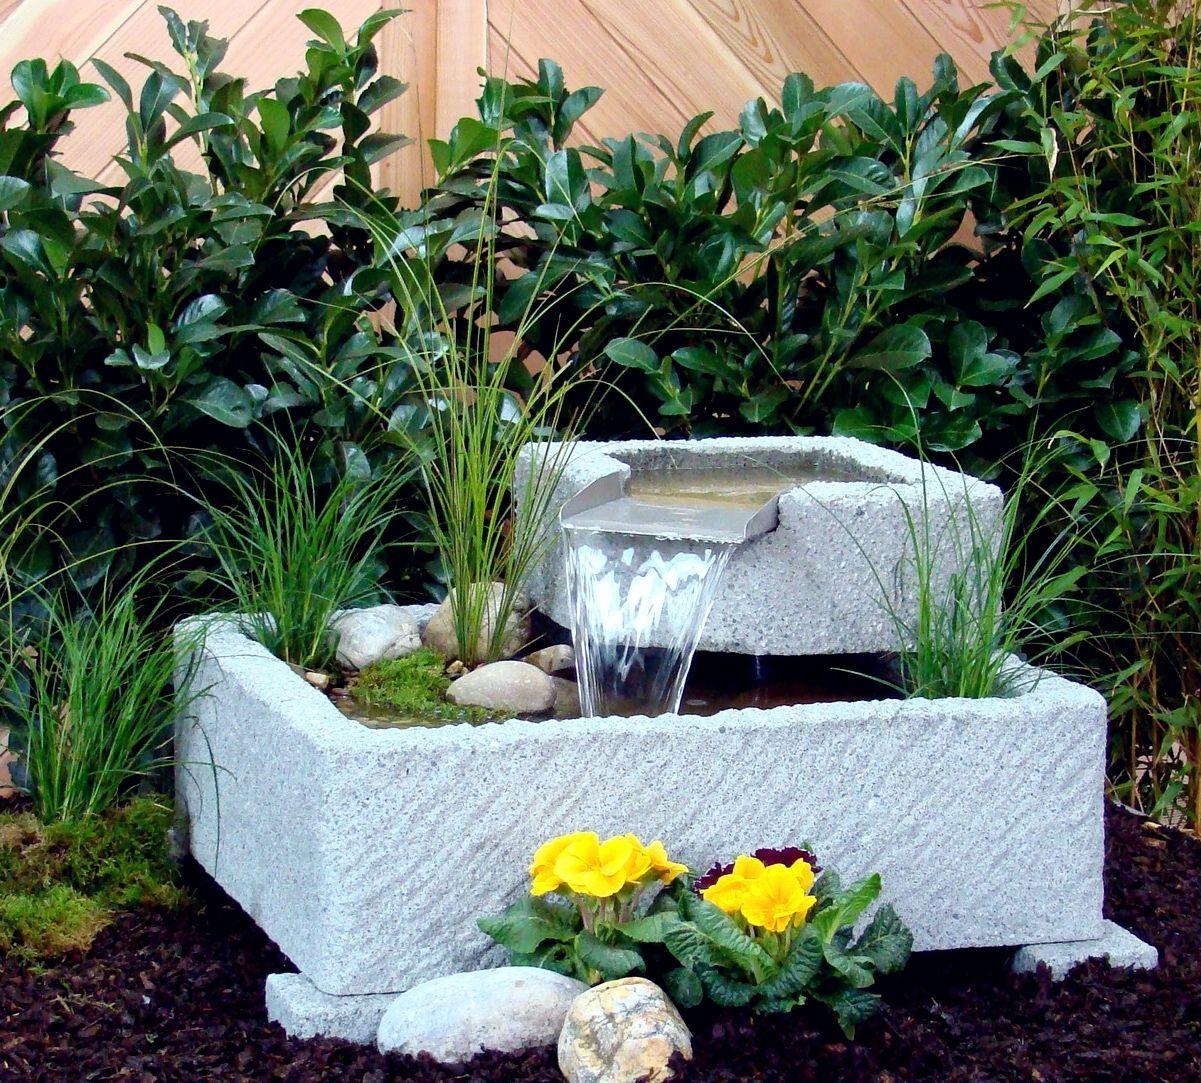 springbrunnen brunnen wasserspiel granitwerkstein stein 118kg, Garten und Bauten